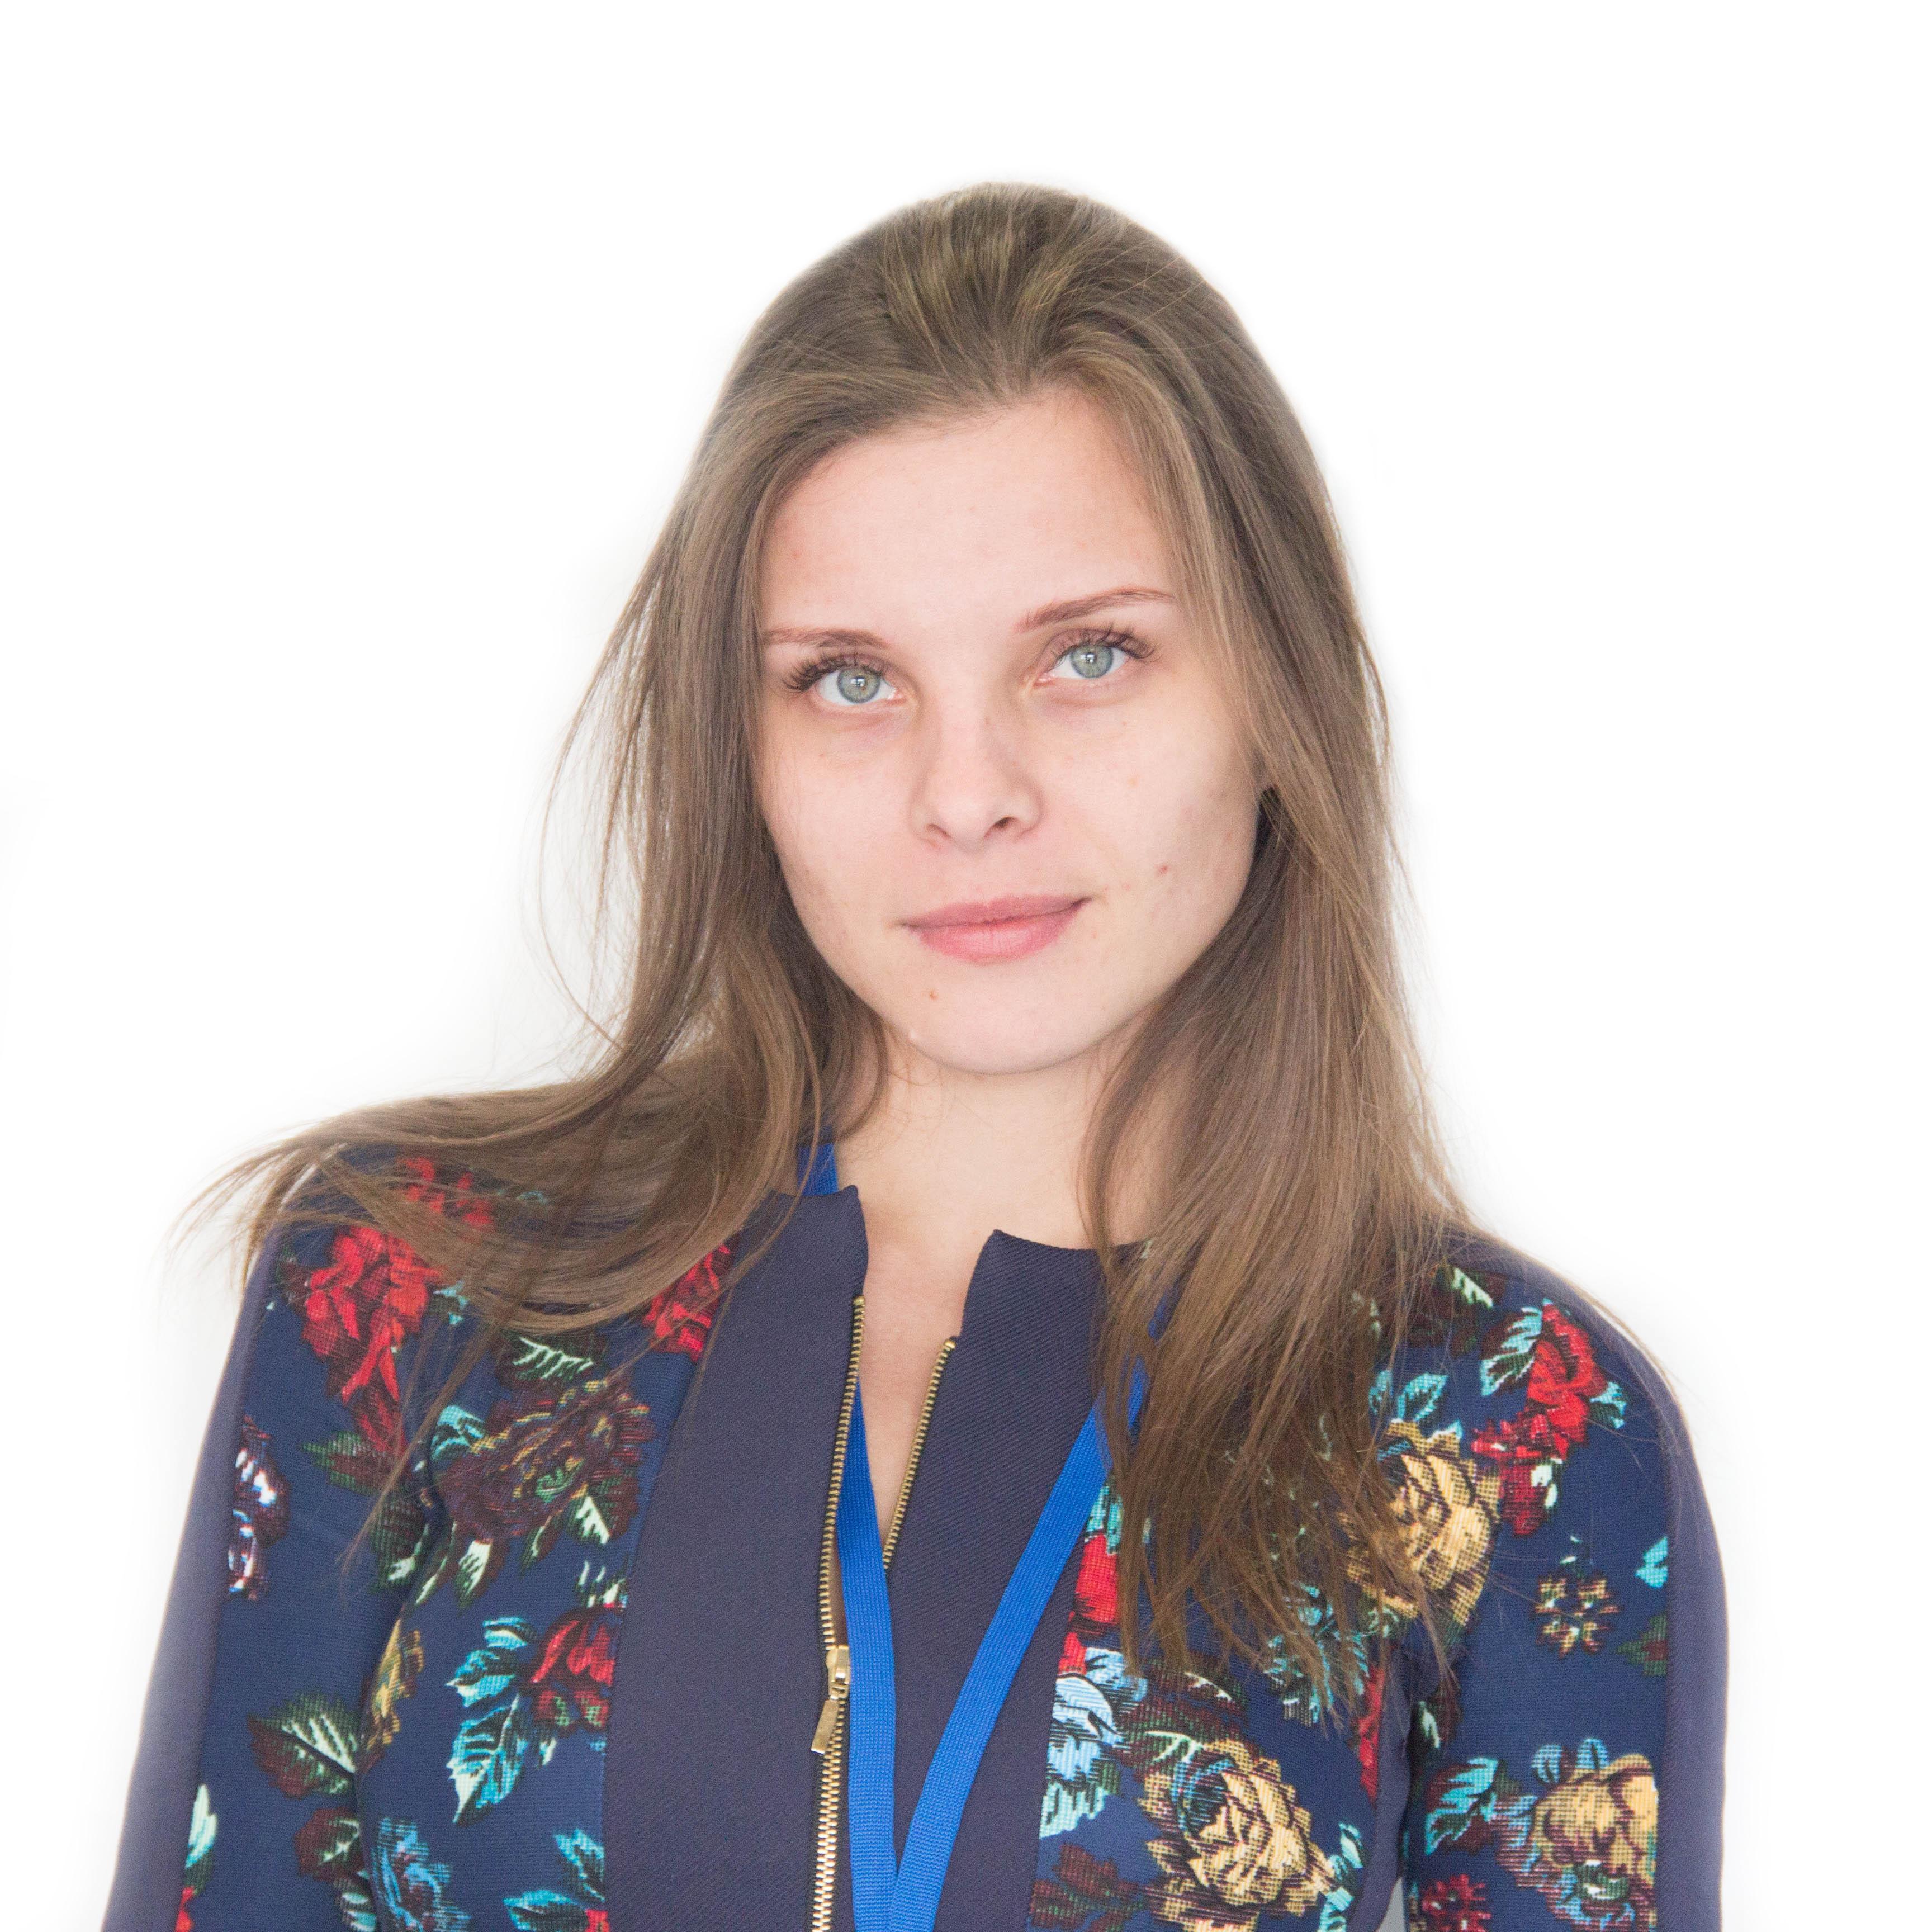 Денисова Юлиана Сергеевна